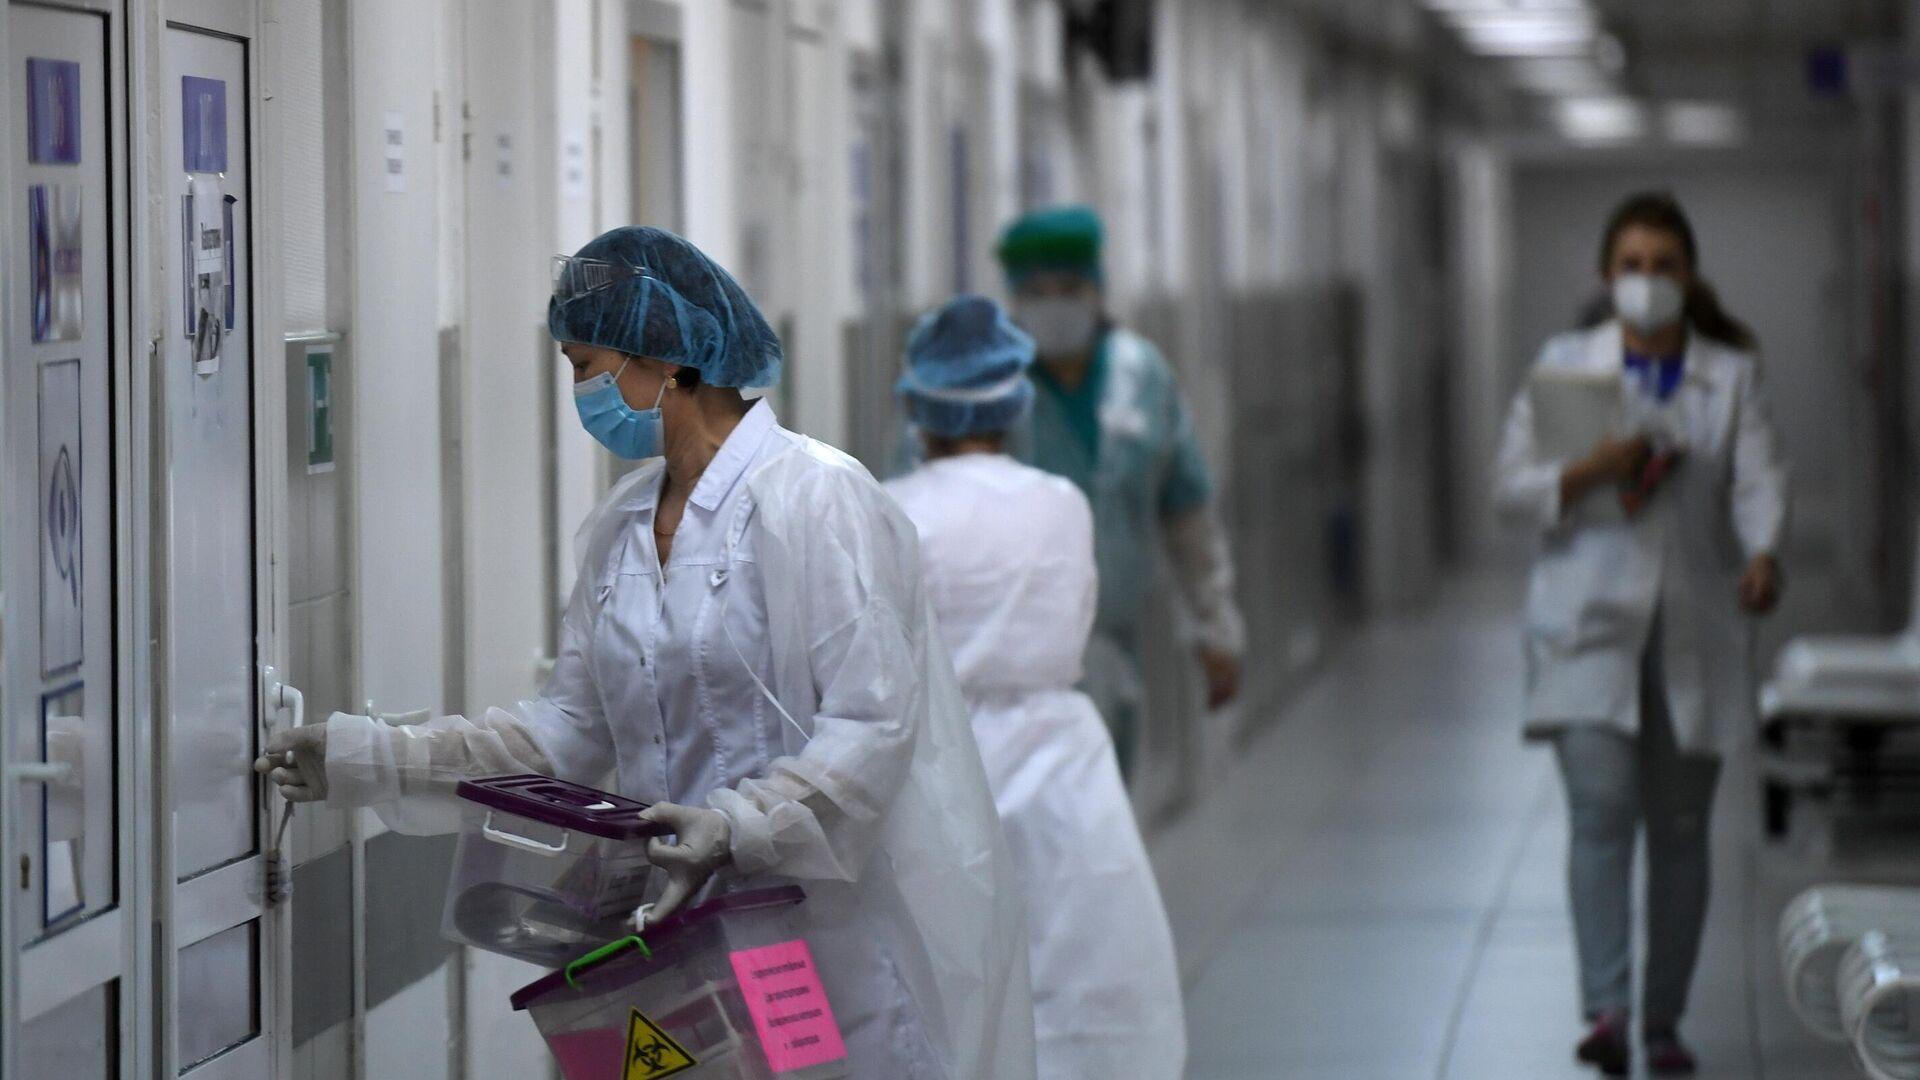 Медицинские работники в городской клинической больнице №15 имени О.М. Филатова - РИА Новости, 1920, 05.03.2021